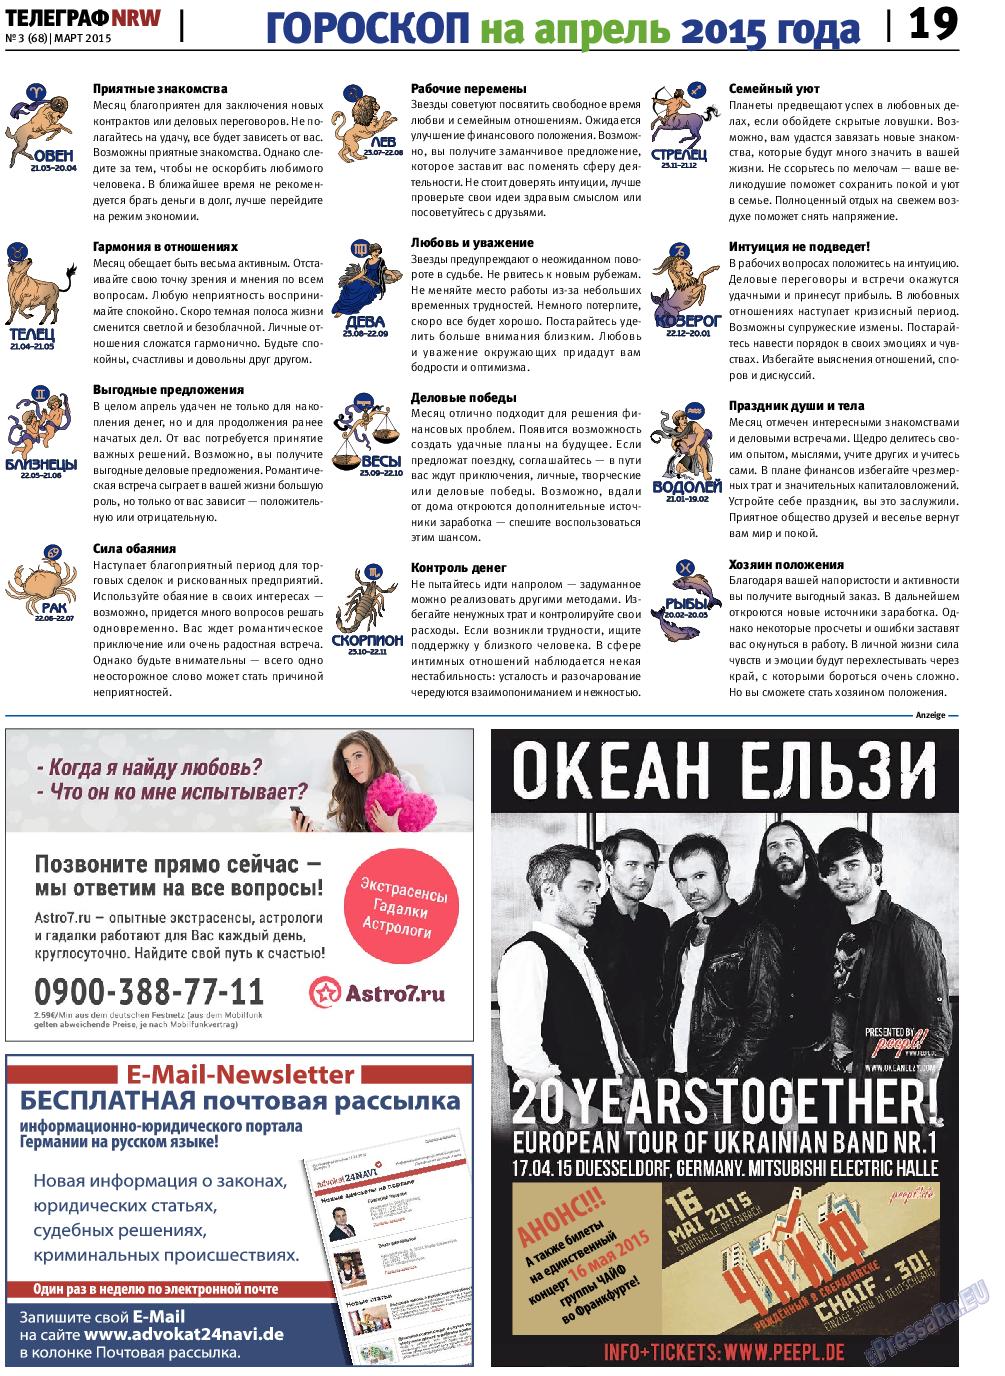 Телеграф NRW (газета). 2015 год, номер 3, стр. 19